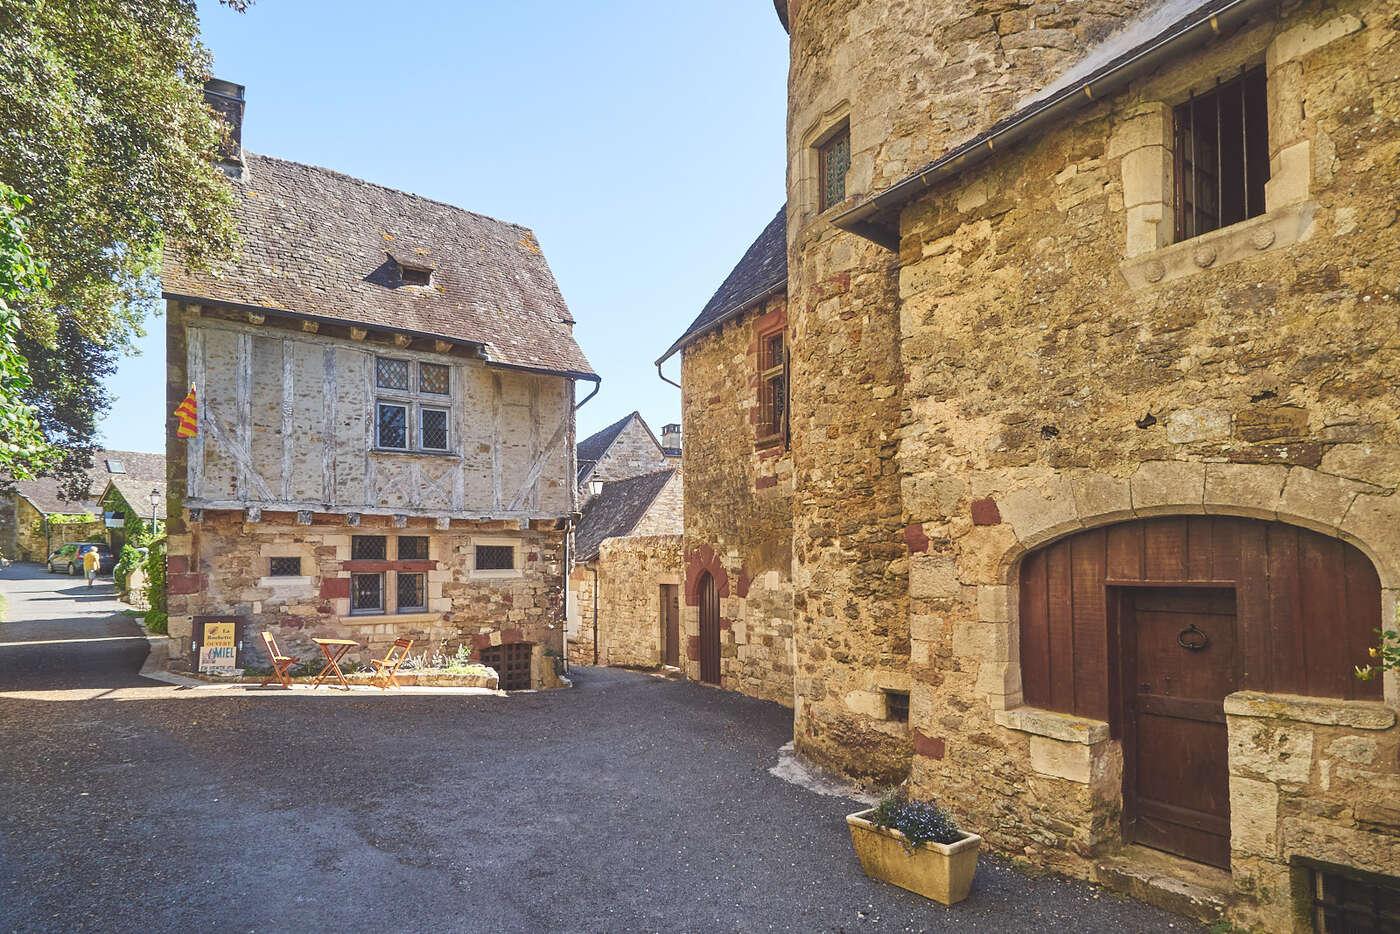 Le haut village de Turenne